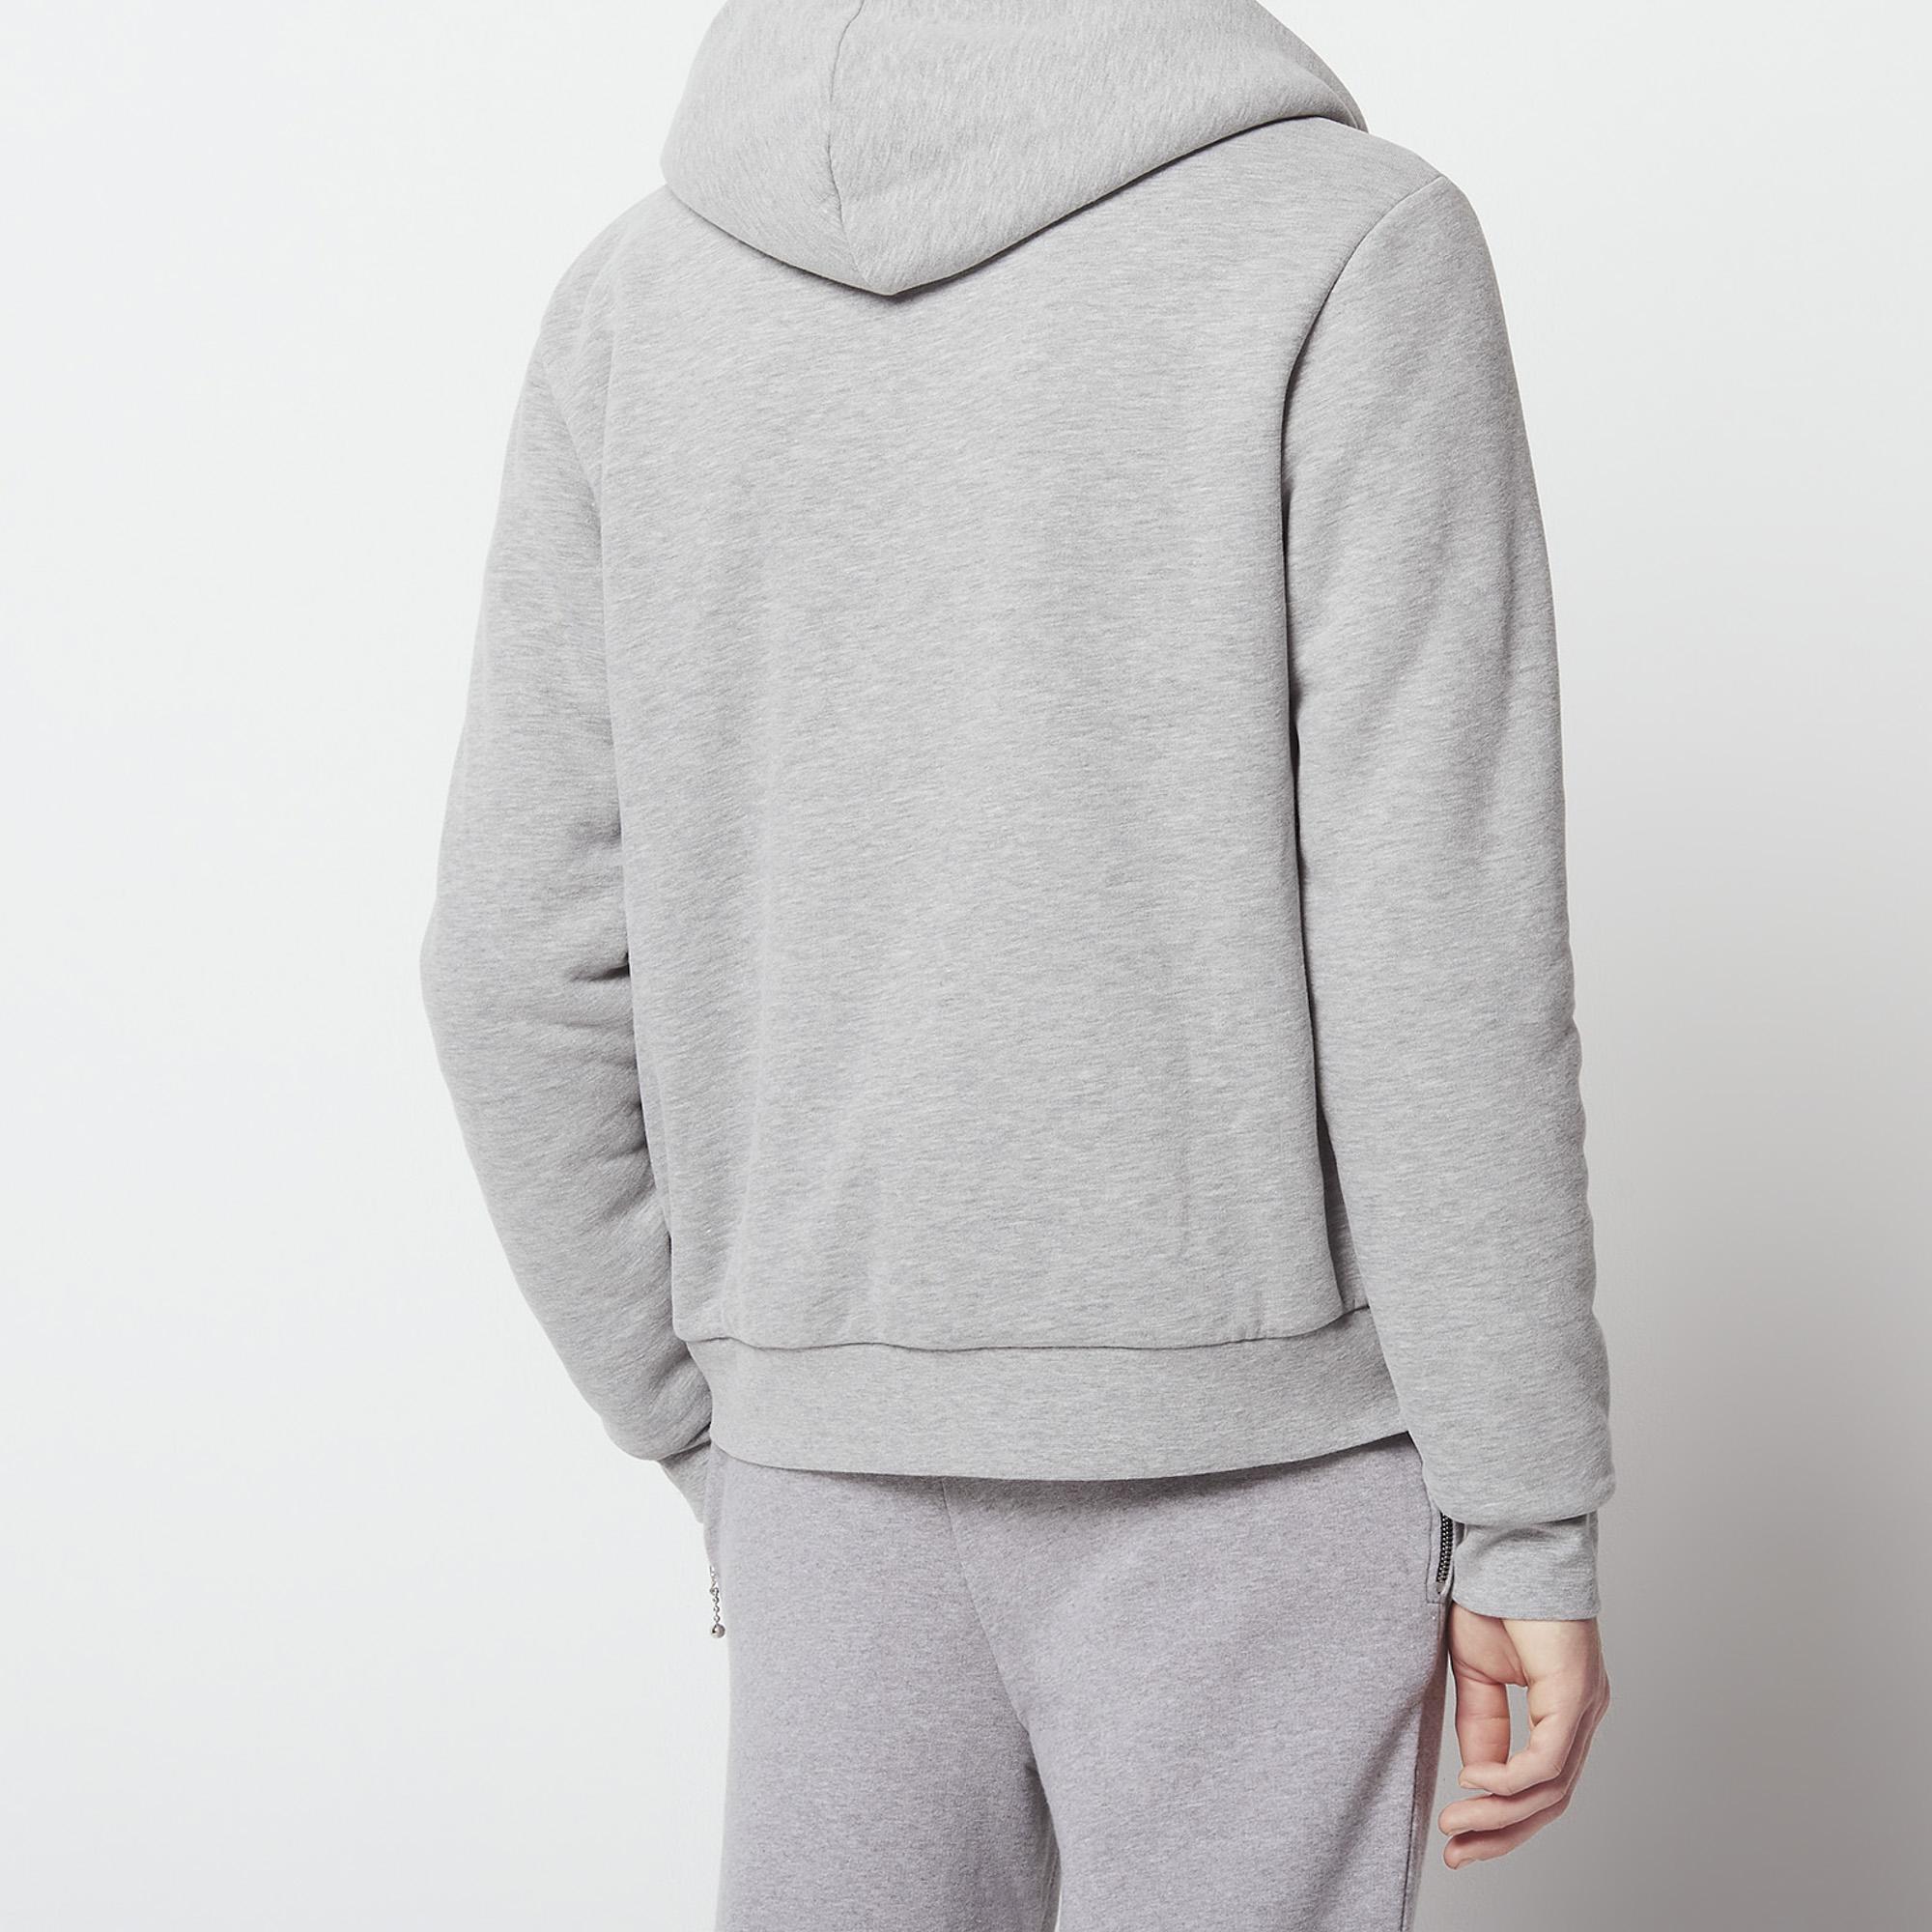 ... Kapuzen-Sweatshirt mit Reißverschluss   Sweatshirts farbe Grau Meliert  ... 9f604ce802